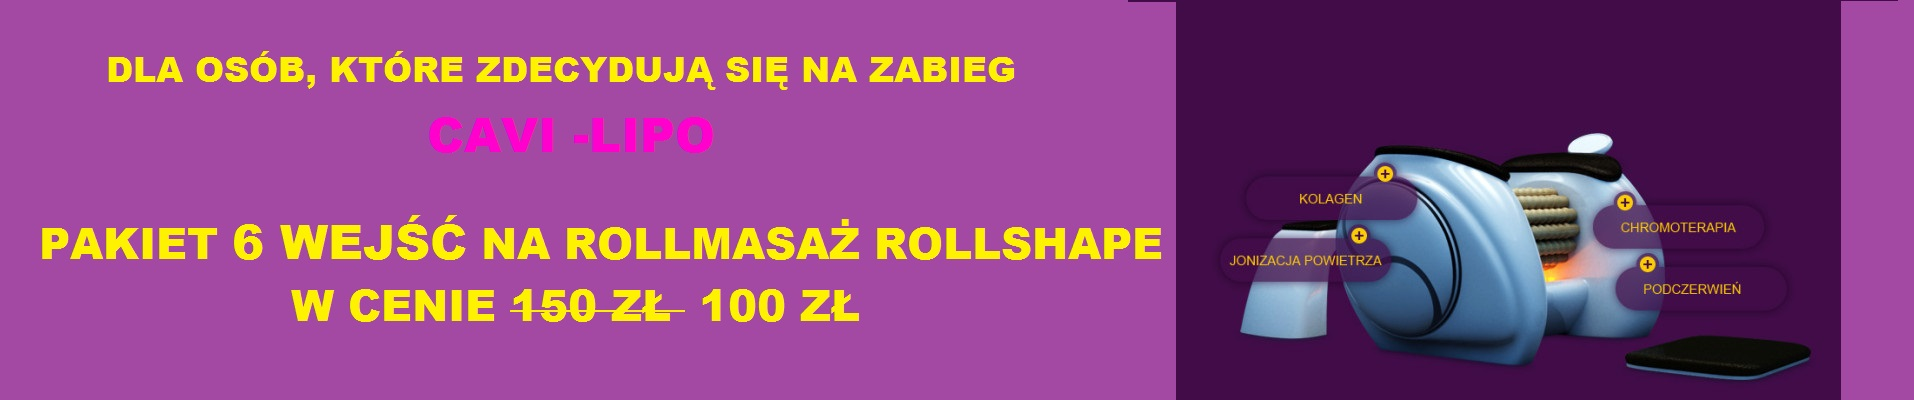 rollshape06-770x400